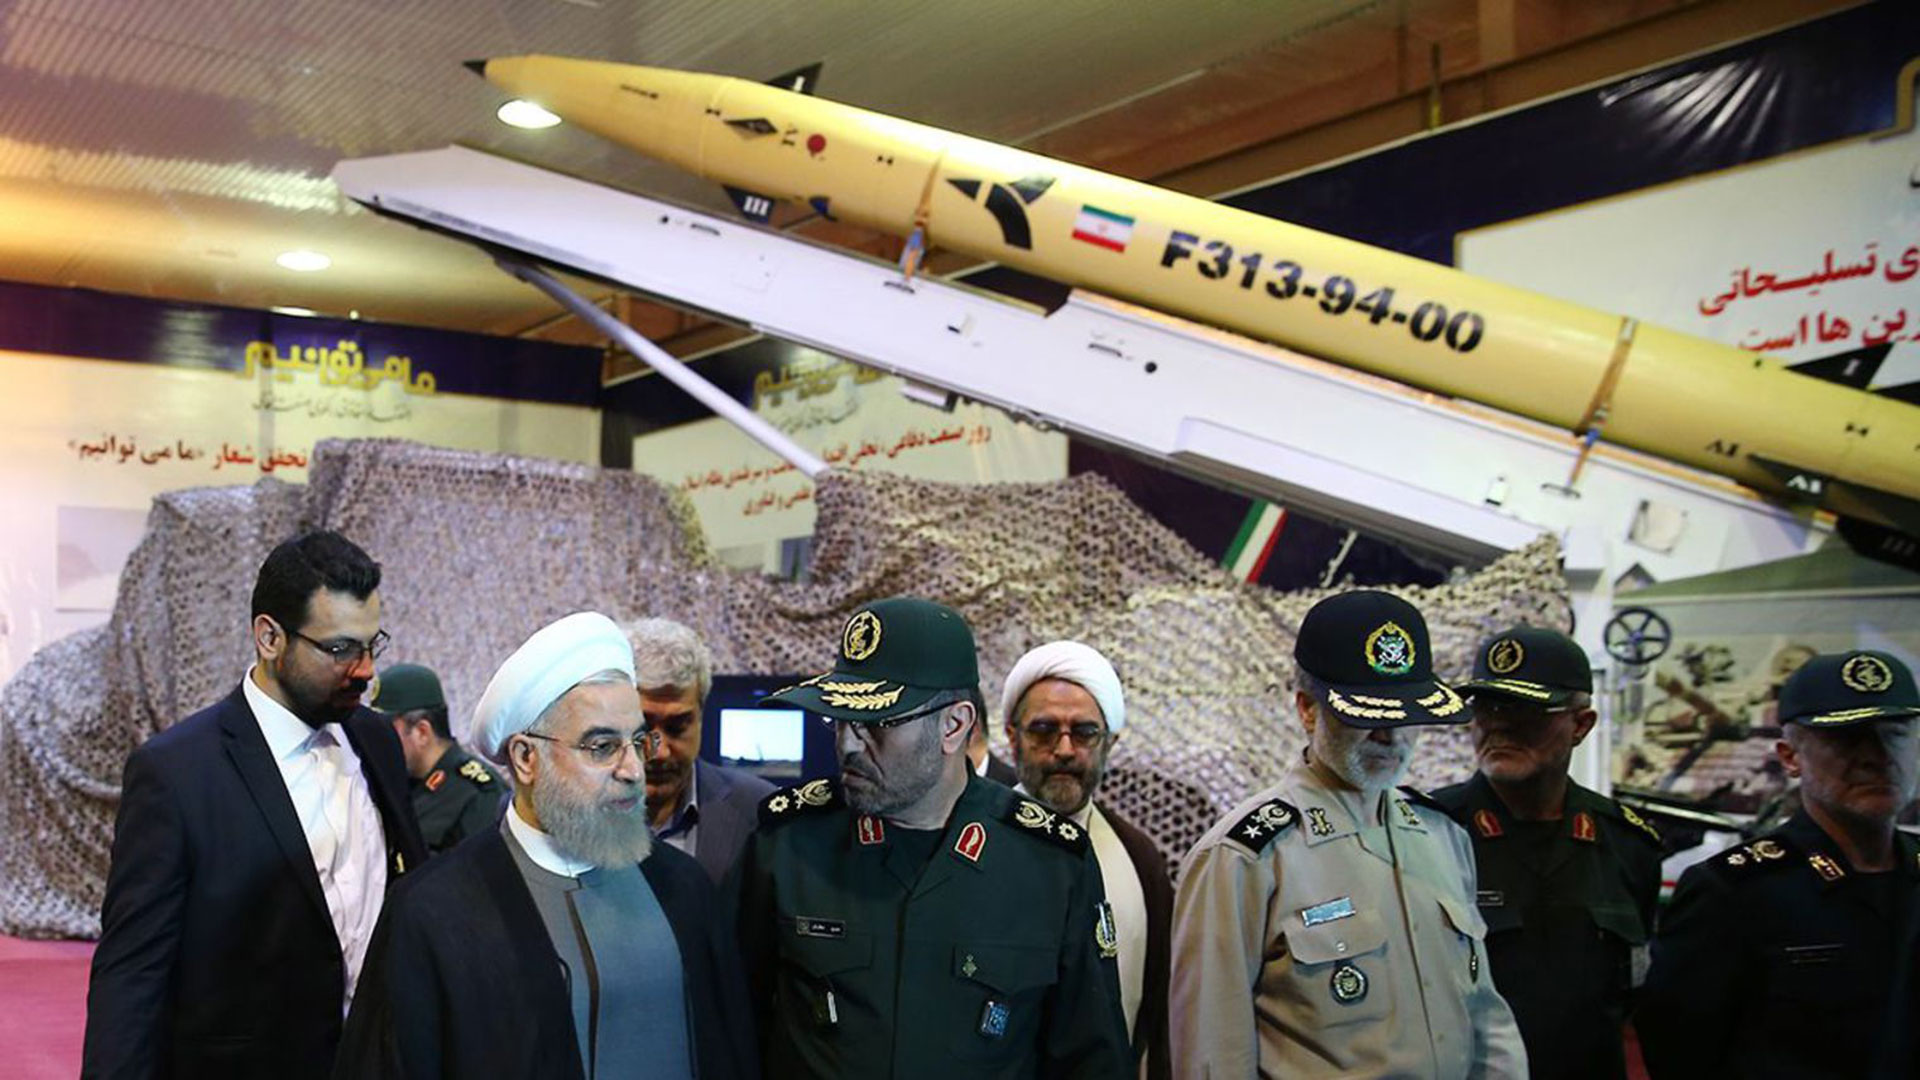 Occidente acusa a Irán de haber provisto misiles para los rebeldes hutíes en Yemen